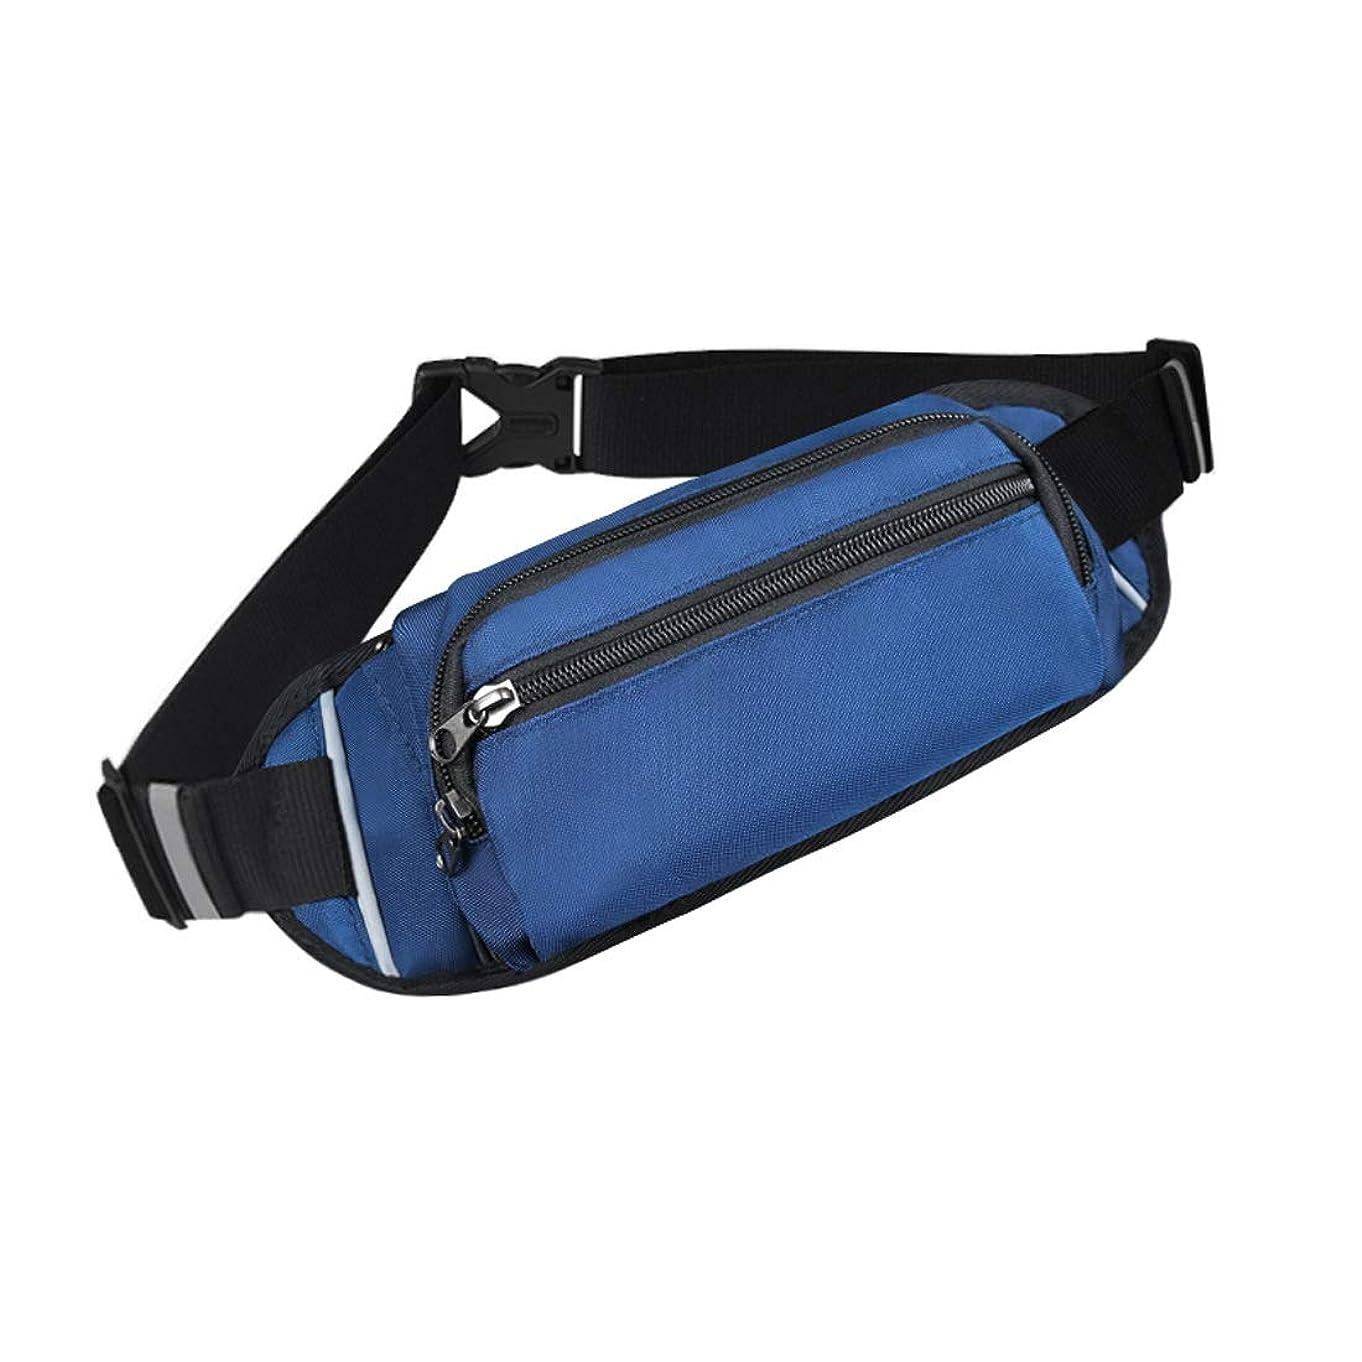 購入値ペネロペTcaijing ウエストバッグ、ヘッドフォンホール付きトラベルマネーベルト防水ウエストバムバッグ大容量休暇、旅行、フェスティバル